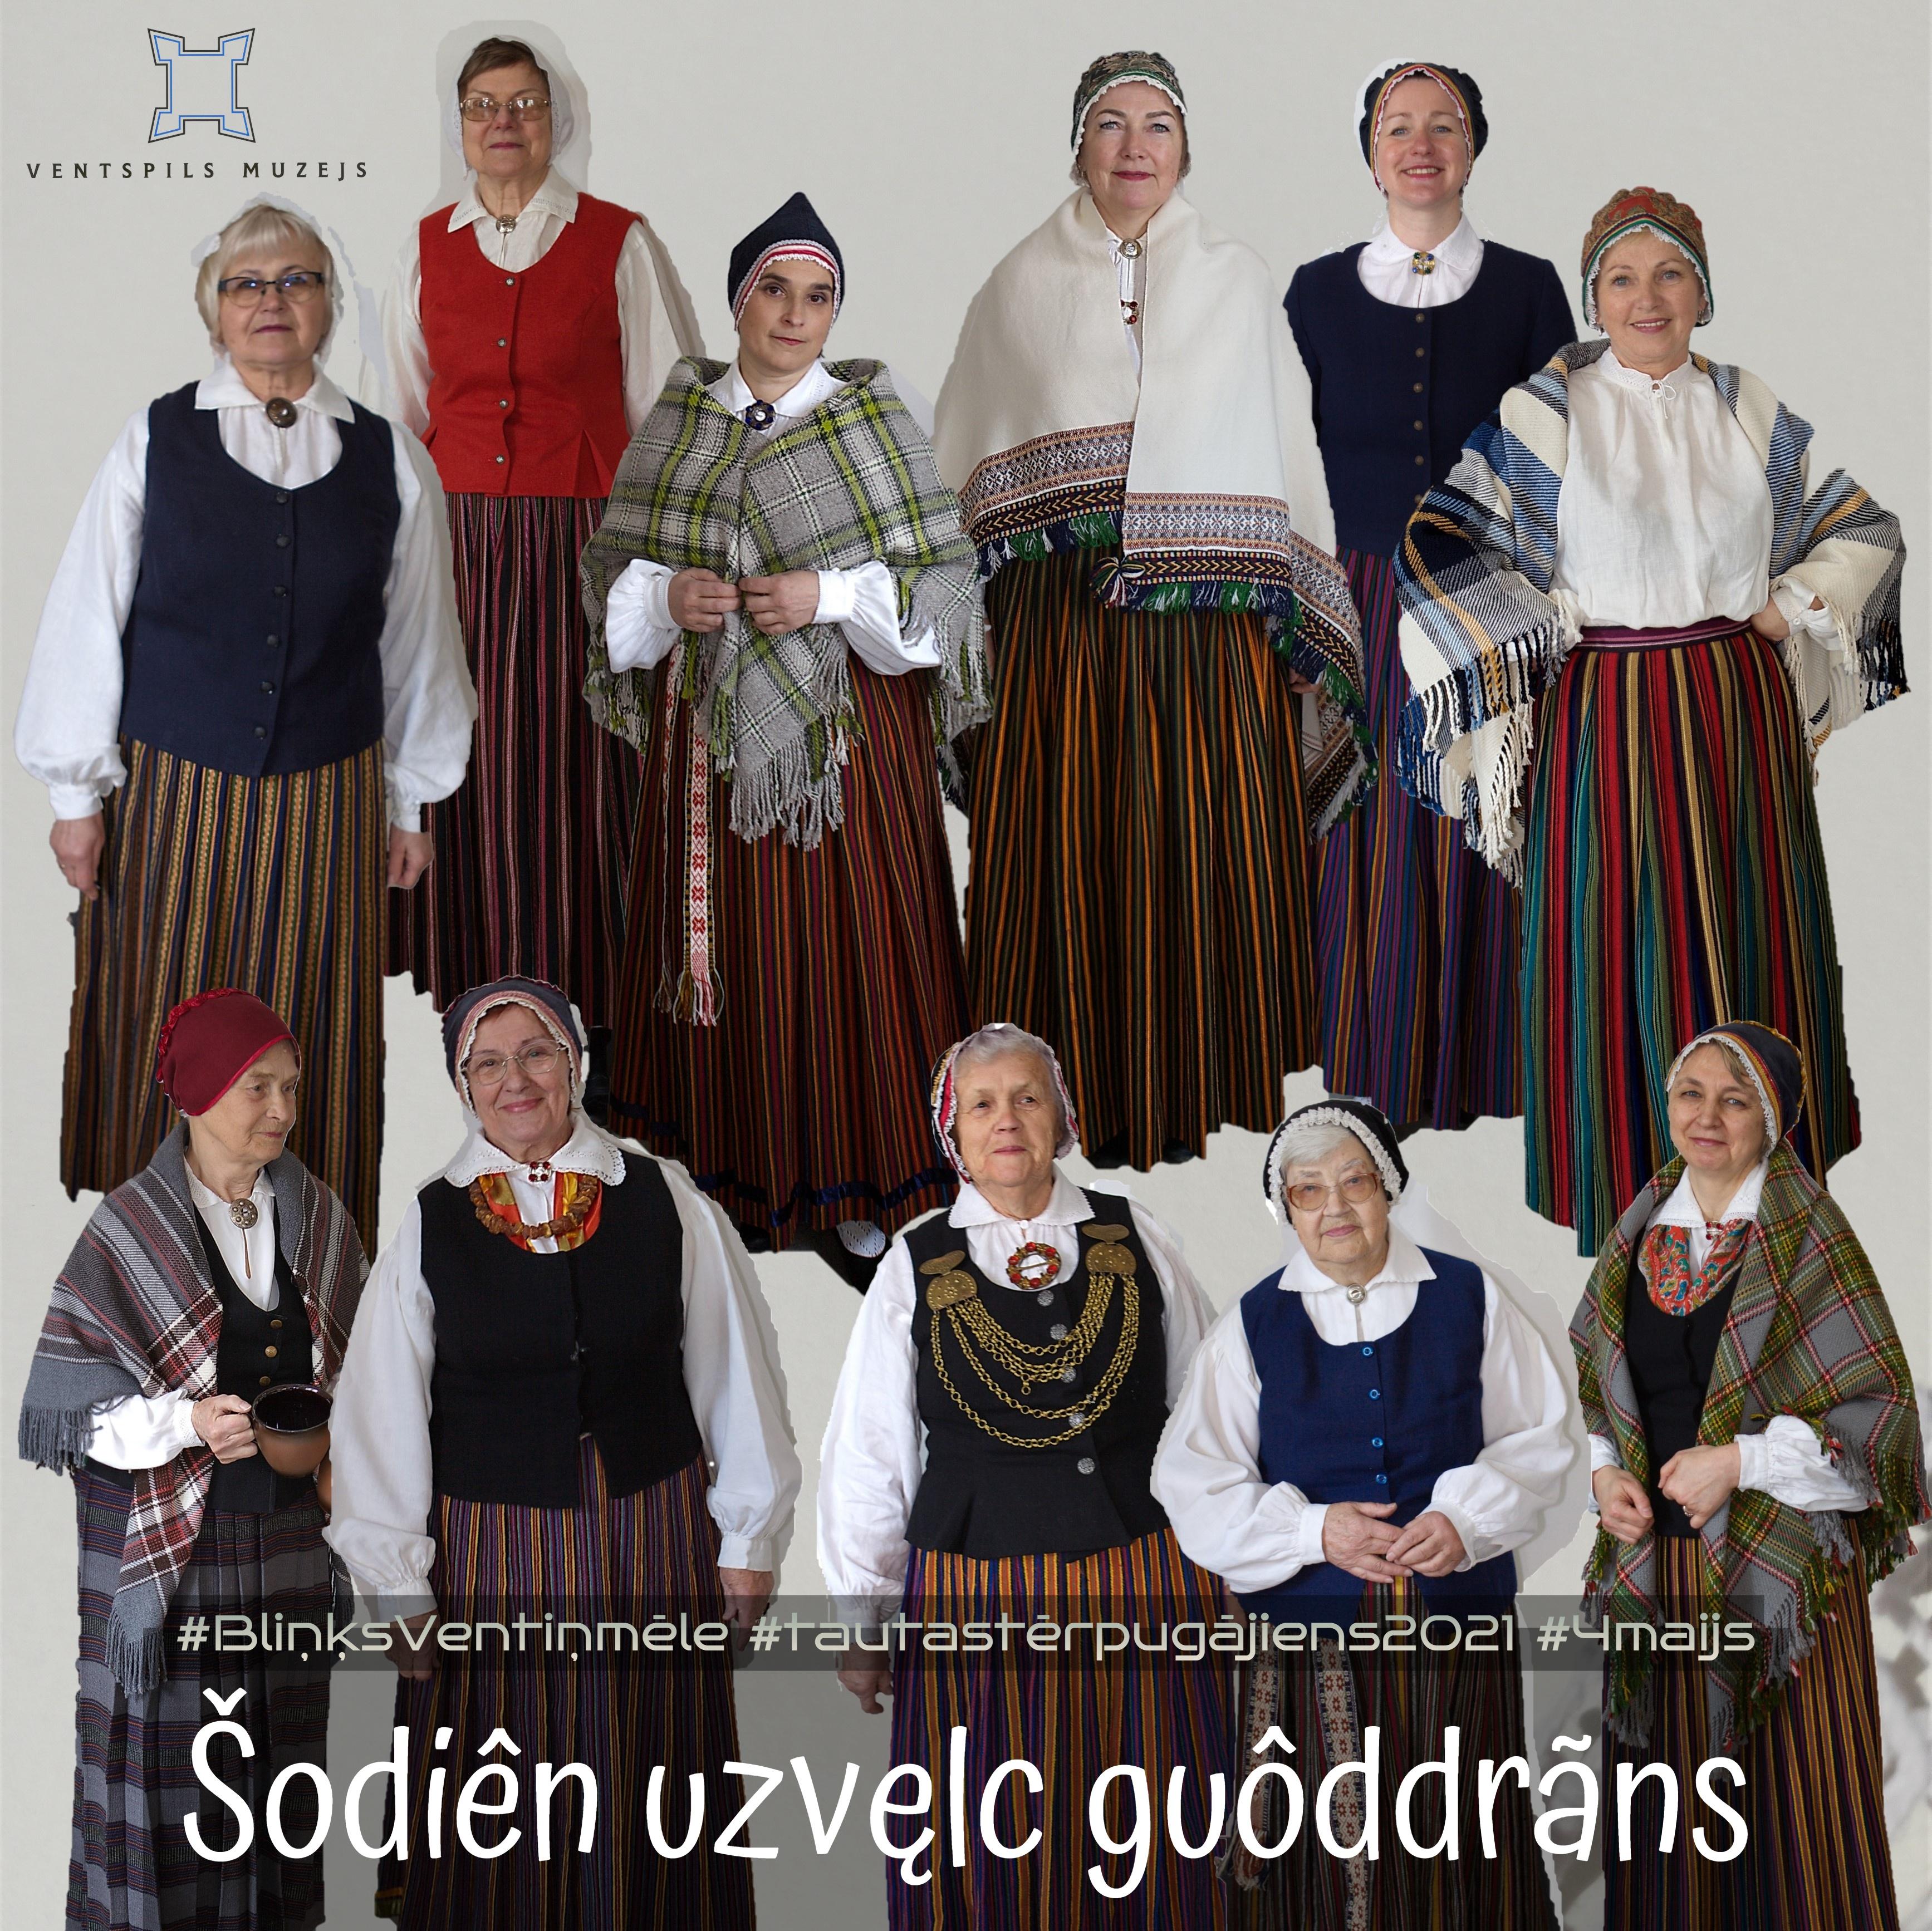 Apsveicam 4. maija svētkos! Ventspils muzejs sveic neatkarības atjaunošanas svētkos!